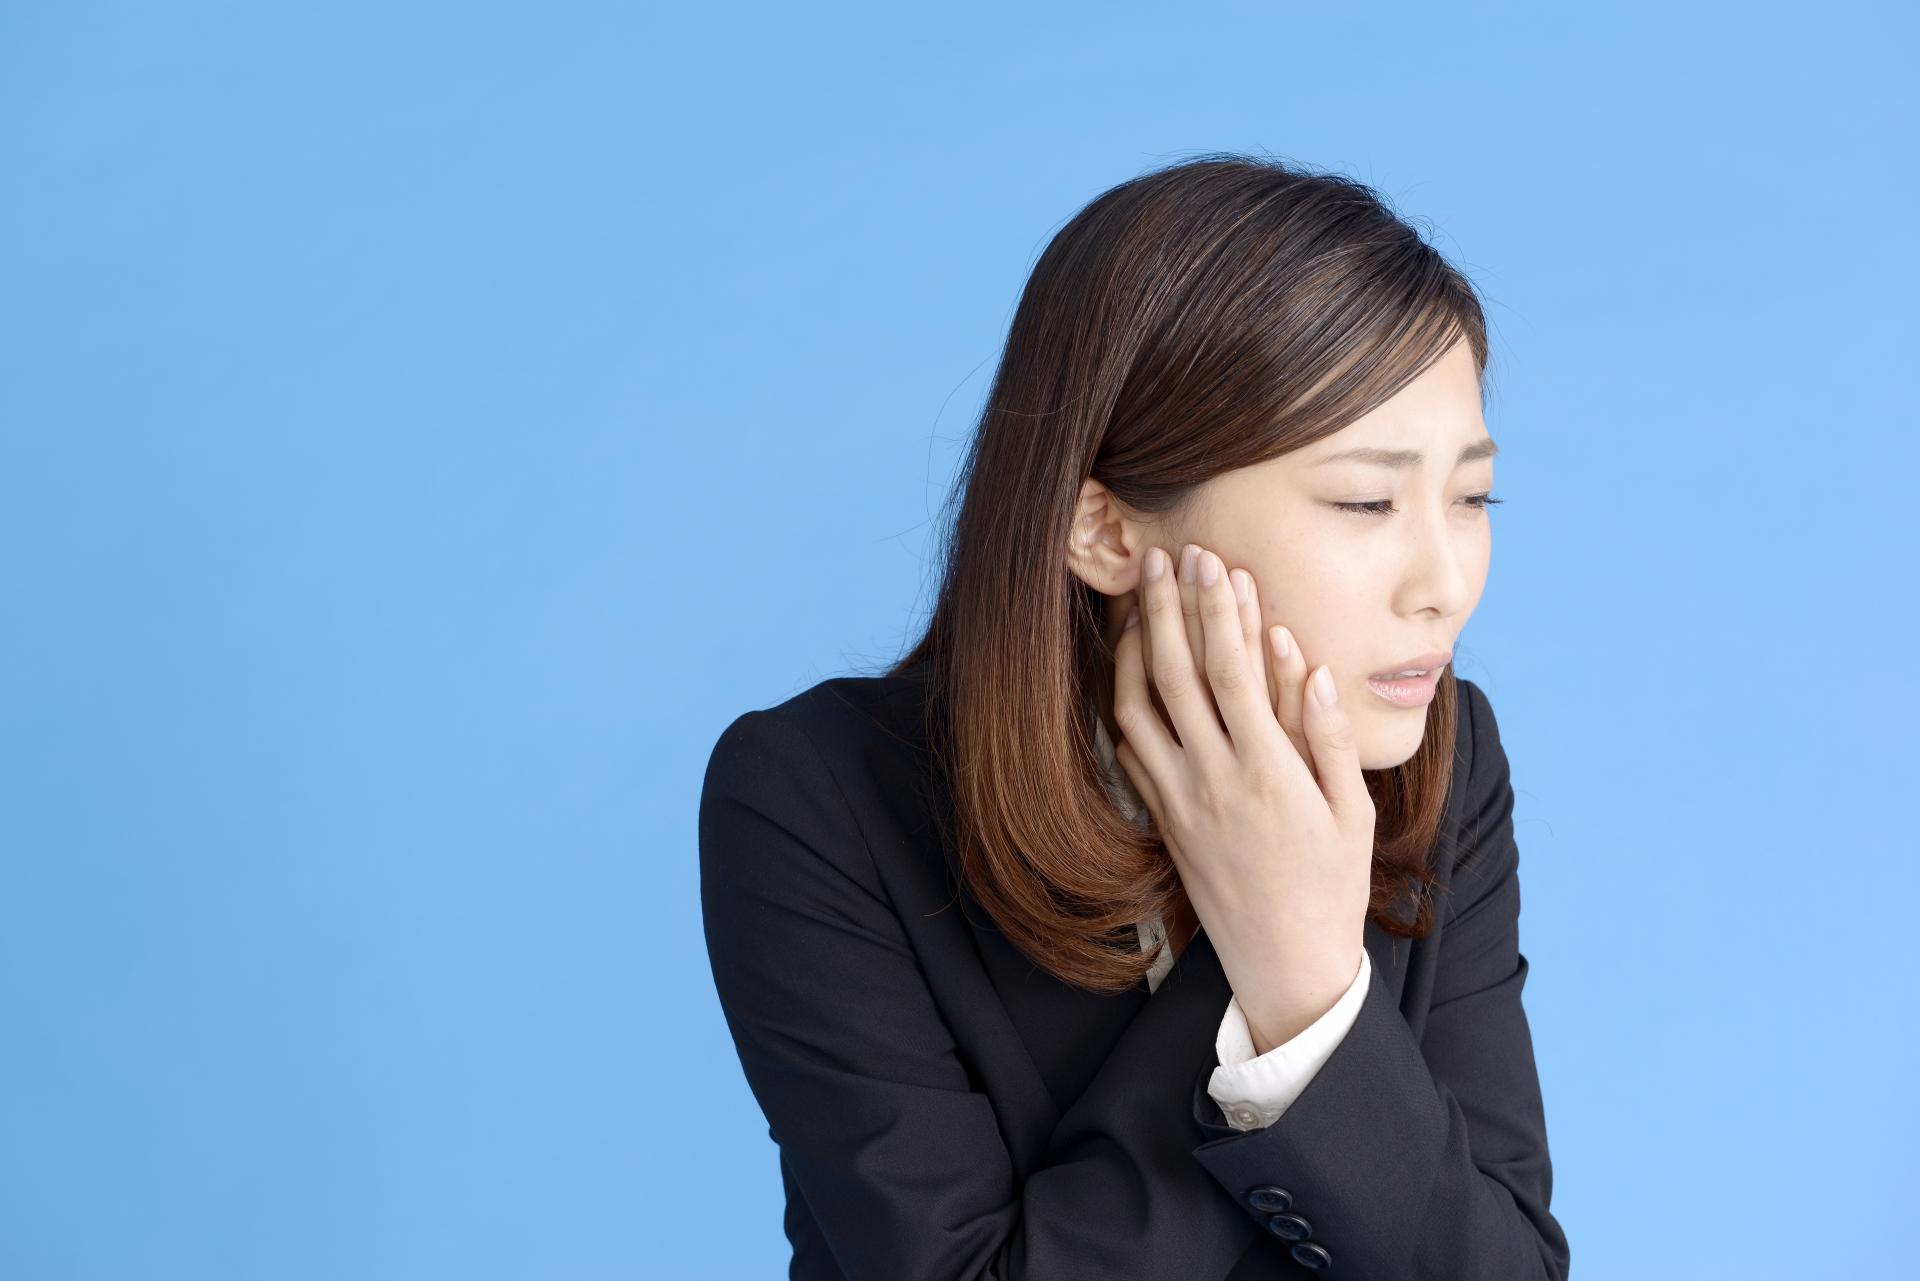 頬の腫れに熱はありますか?